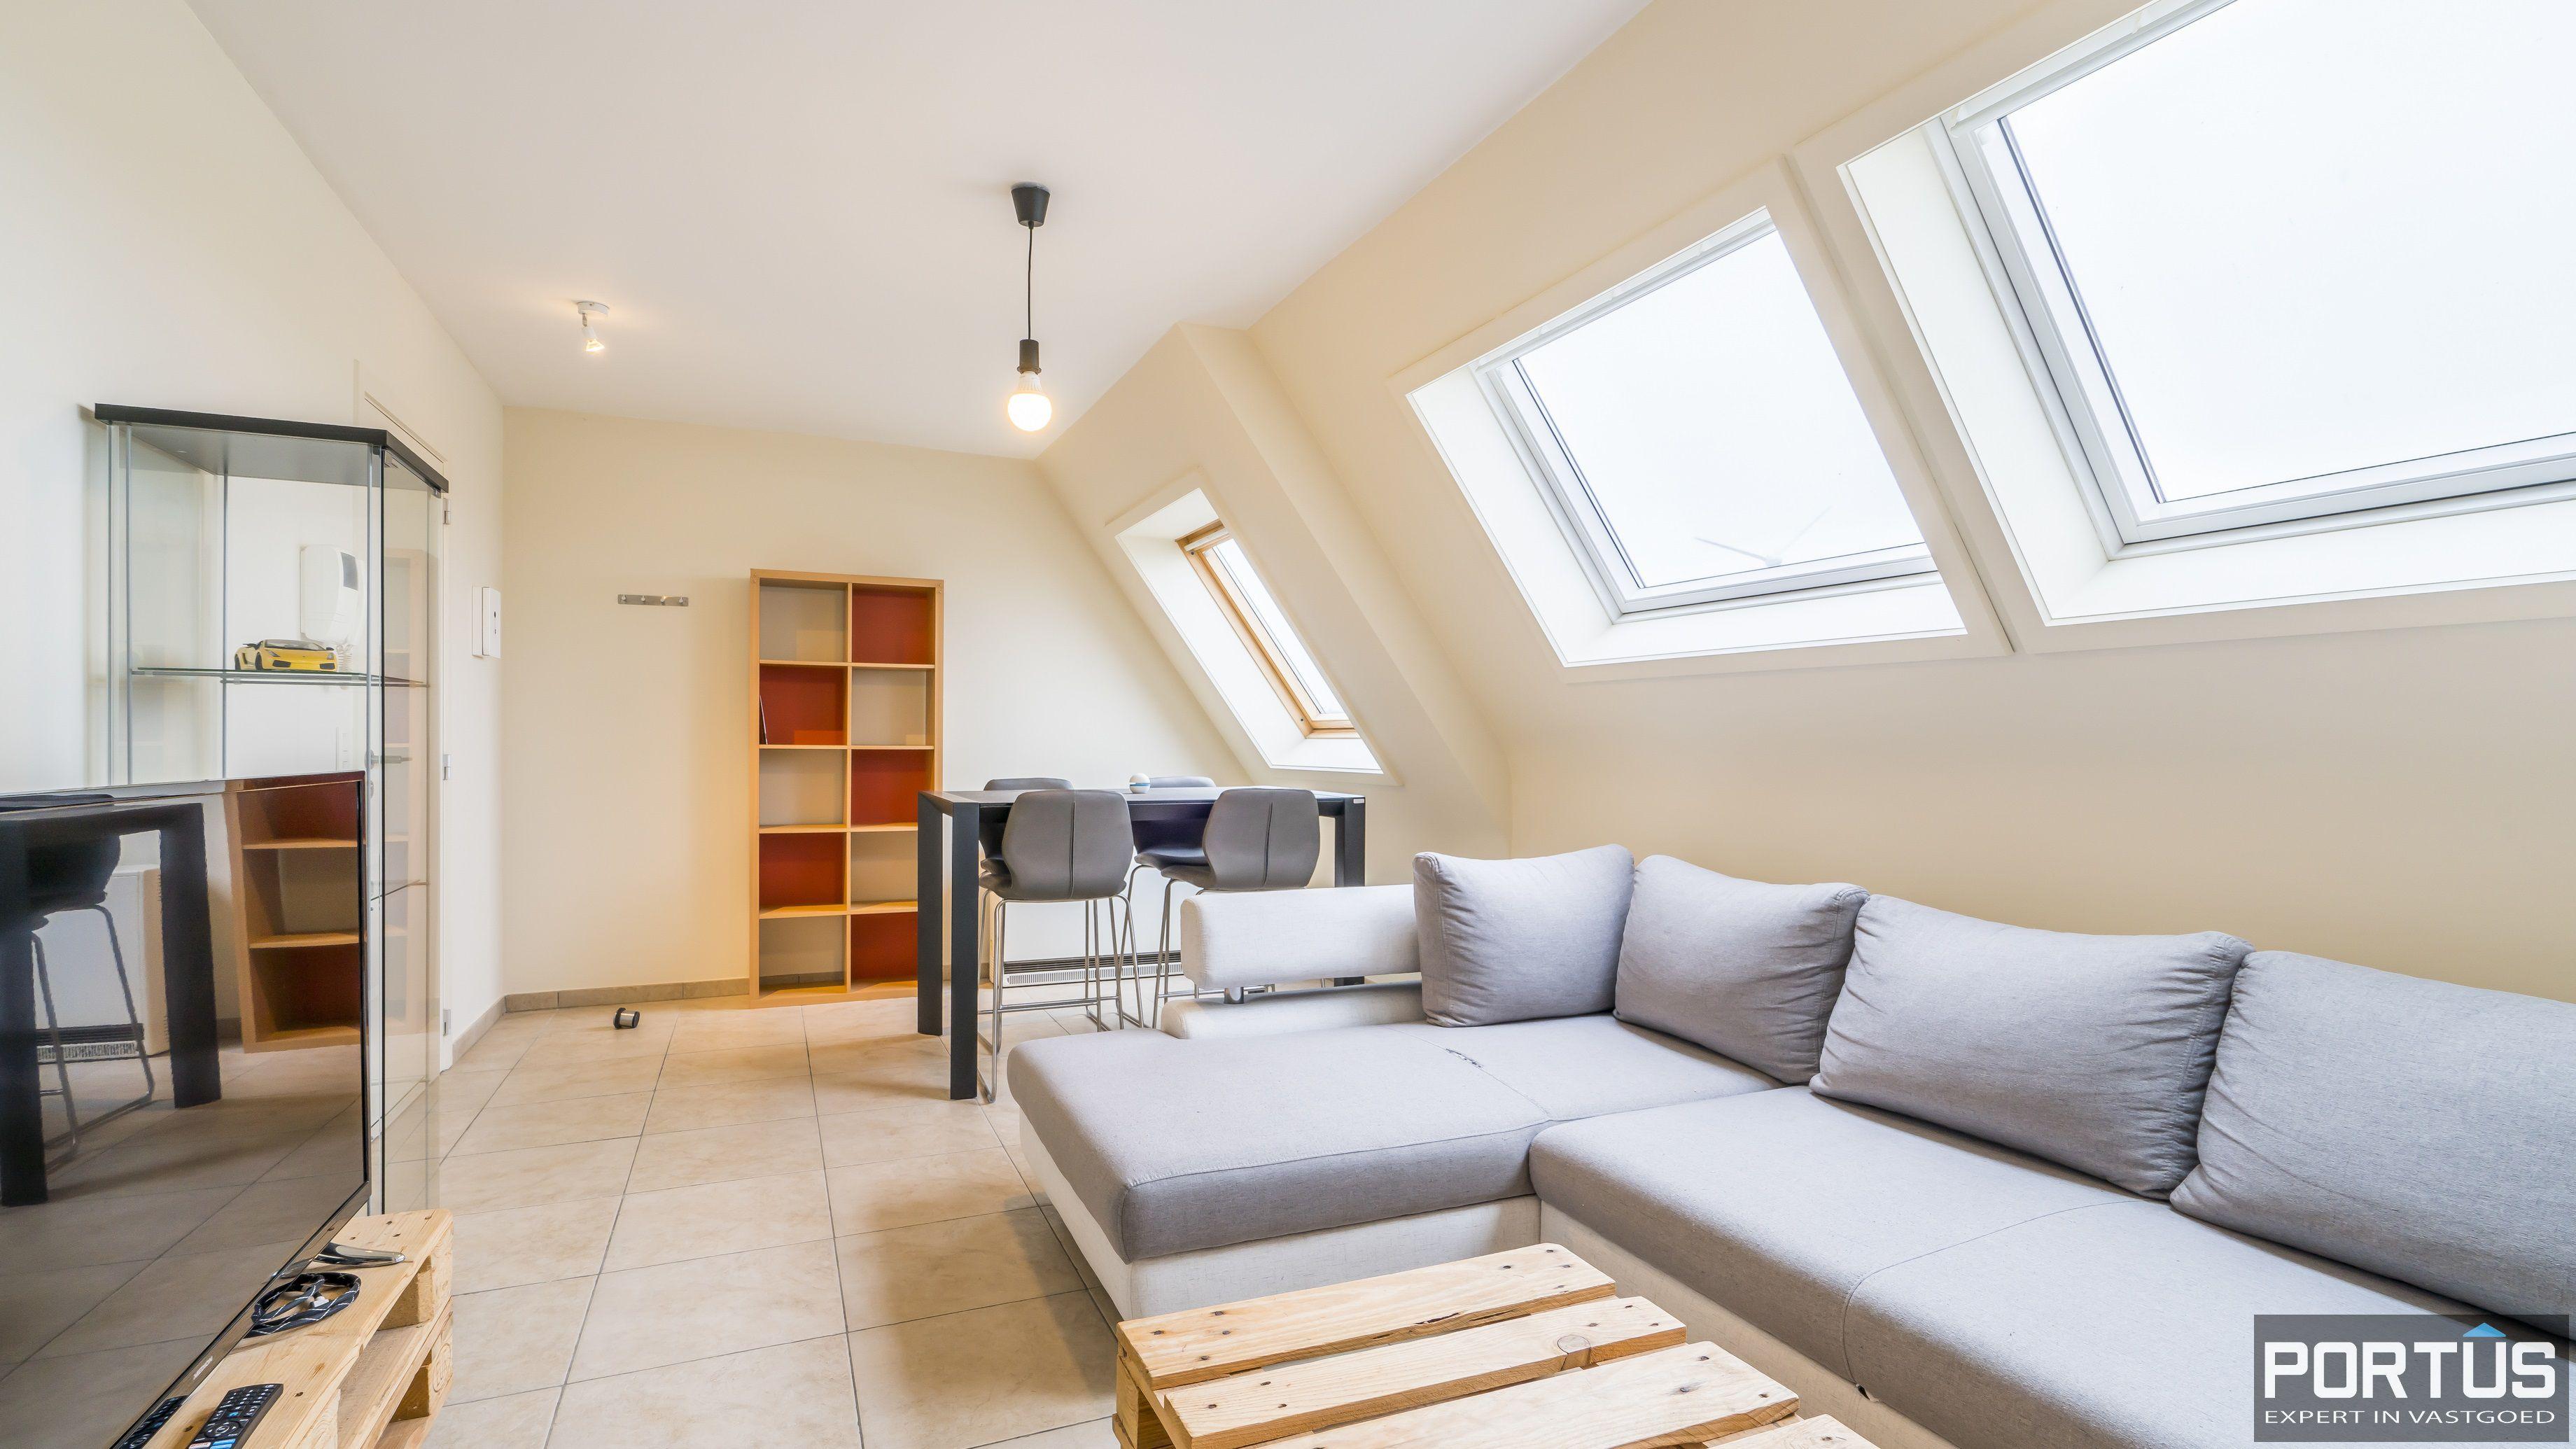 Instapklaar zongericht appartement met 1 slaapkamer te koop te Nieuwpoort - 11465